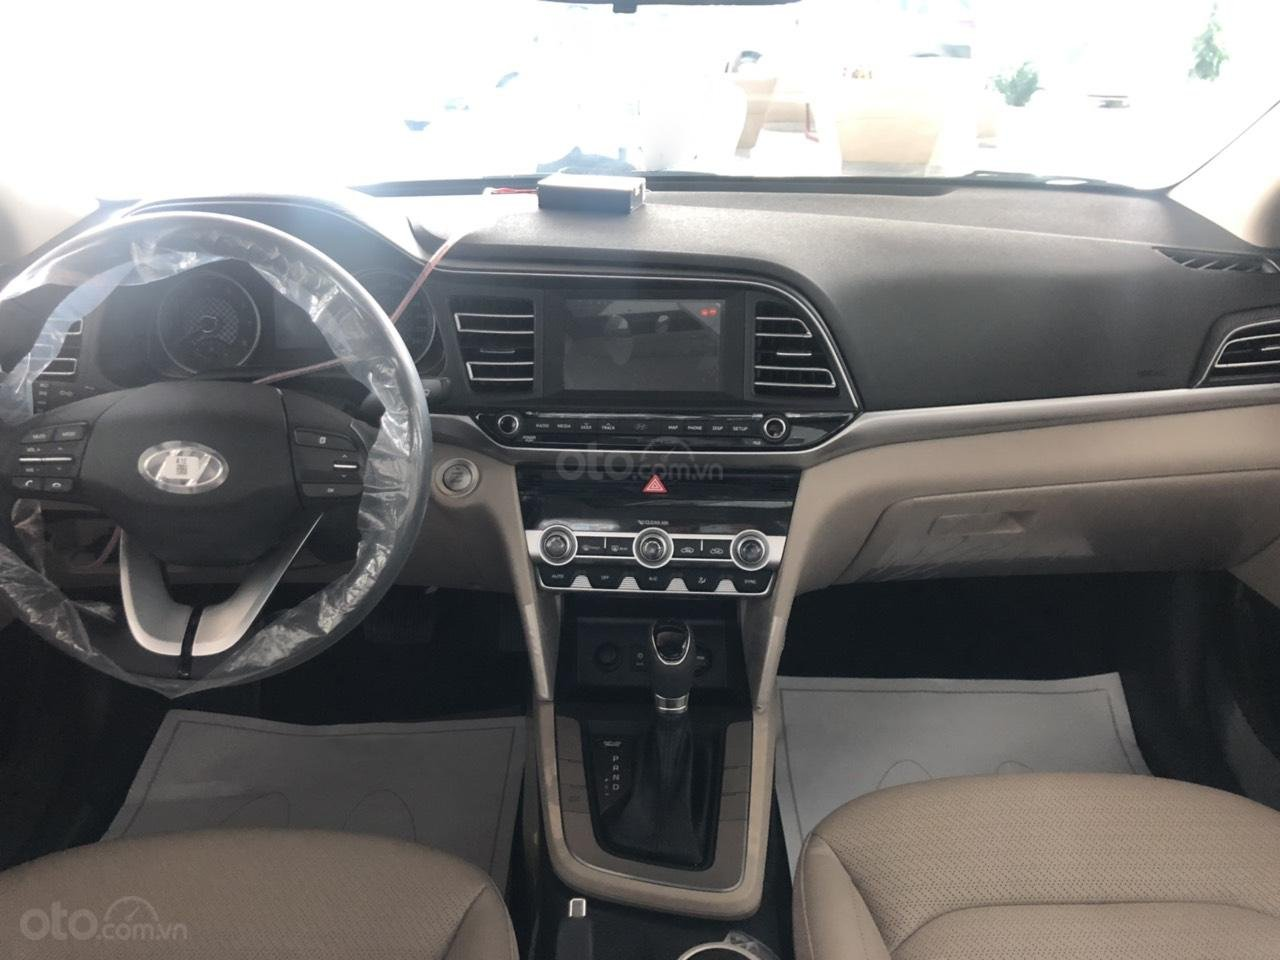 Hyundai Elentra 2019 - Giá tốt - Xe sẵn - Bank bao đậu-11